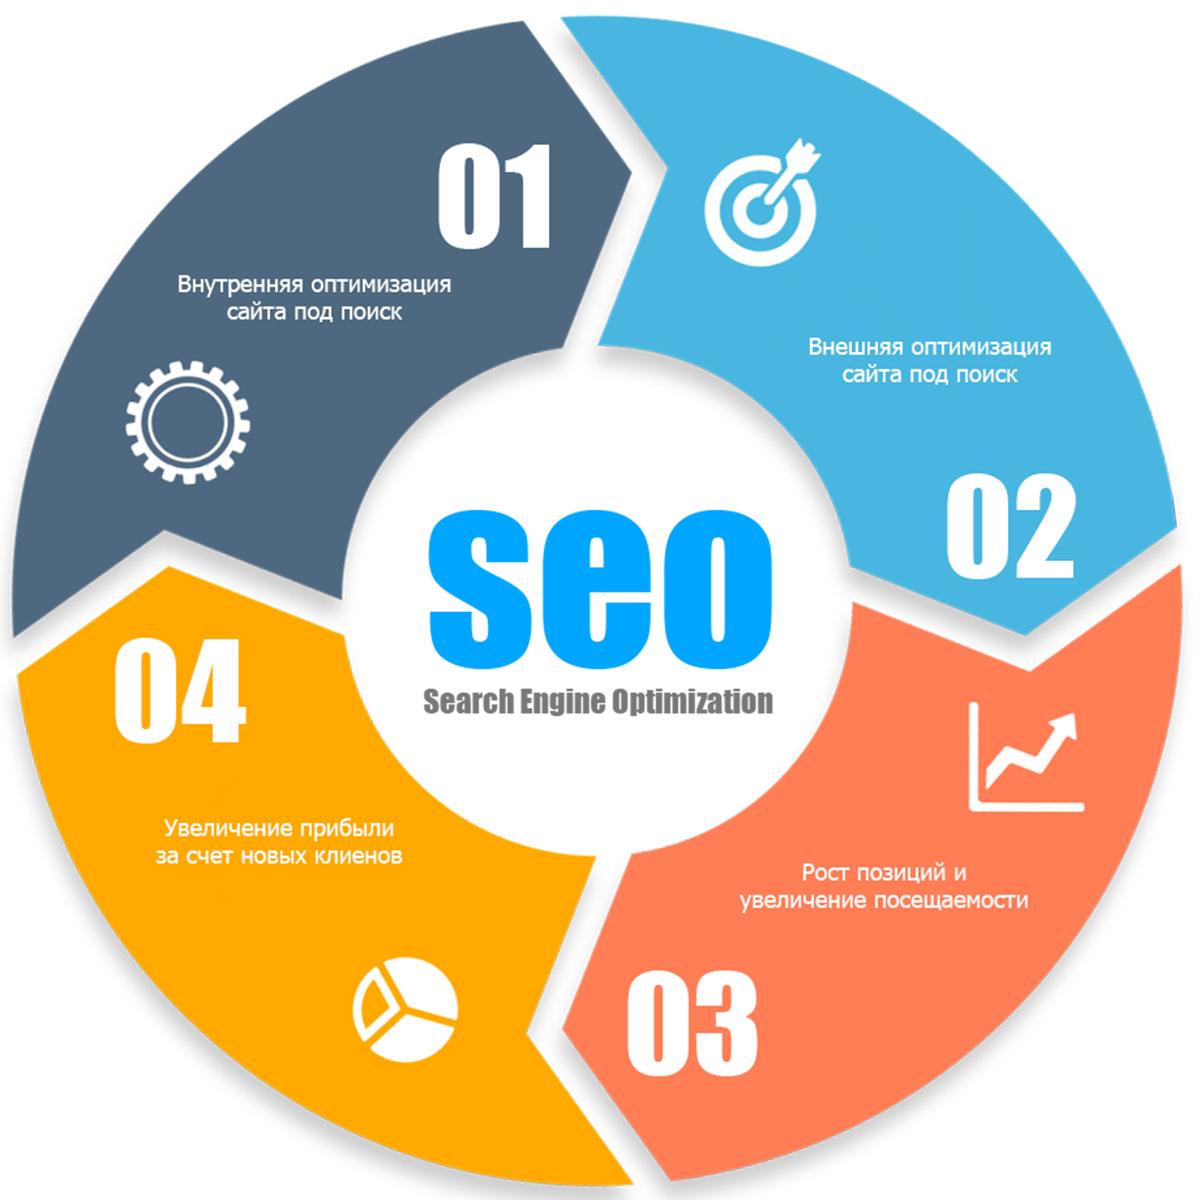 Seo search engine optimization поисковое продвижение сайтов цена создания сайта для проекта